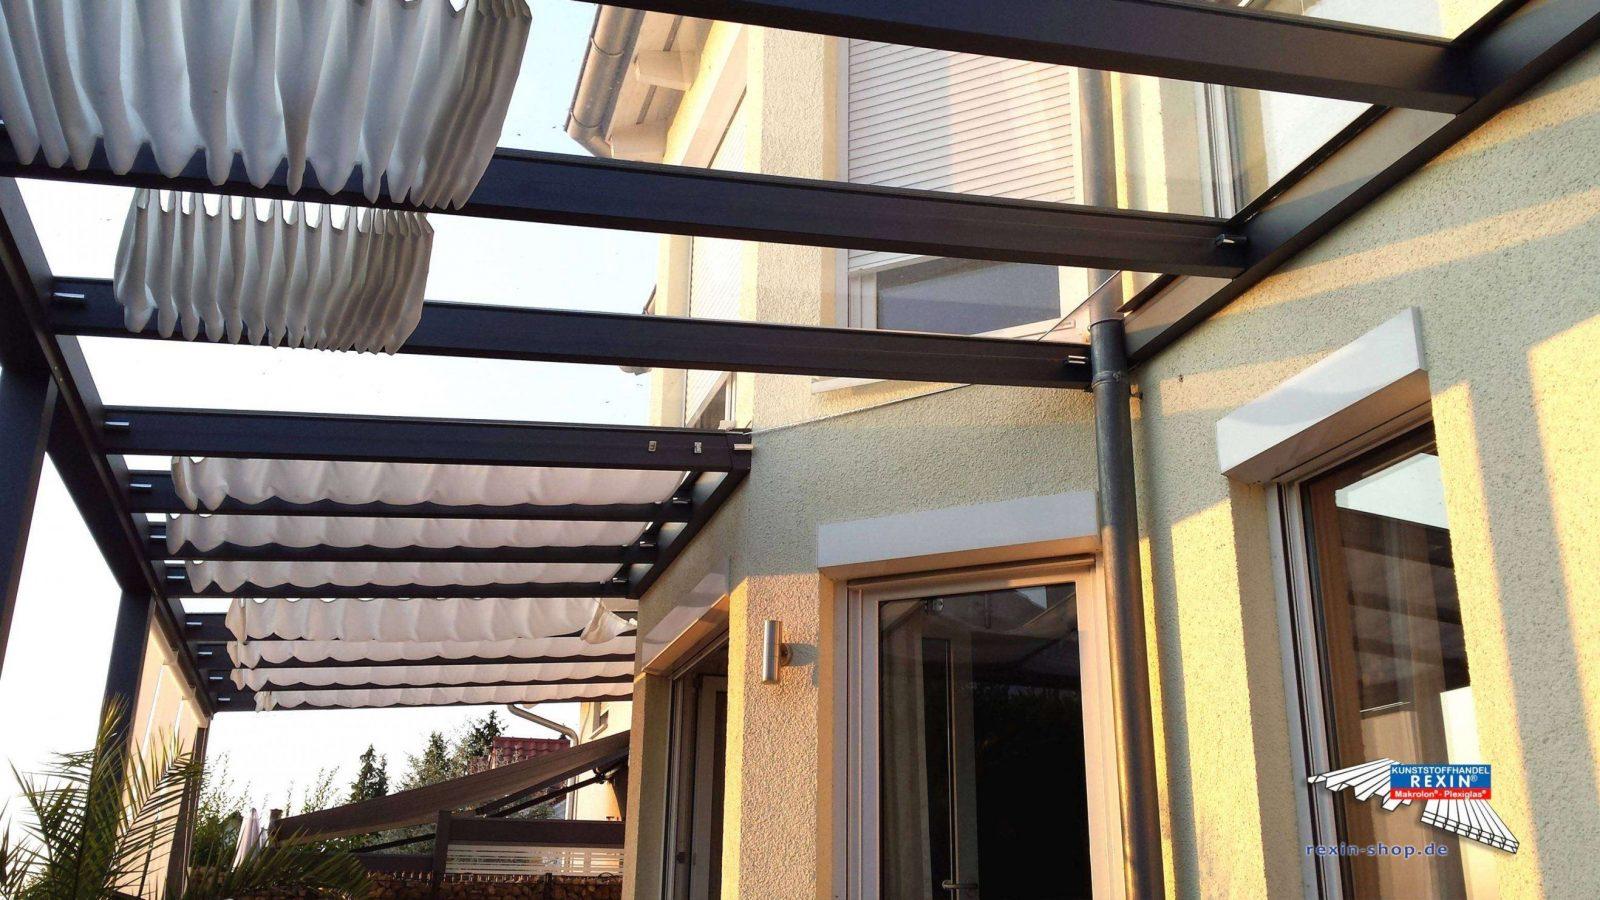 Markisen Sichtschutz Einzigartig 40 Balkon Sichtschutz Selber Machen von Balkon Sichtschutz Selber Bauen Photo